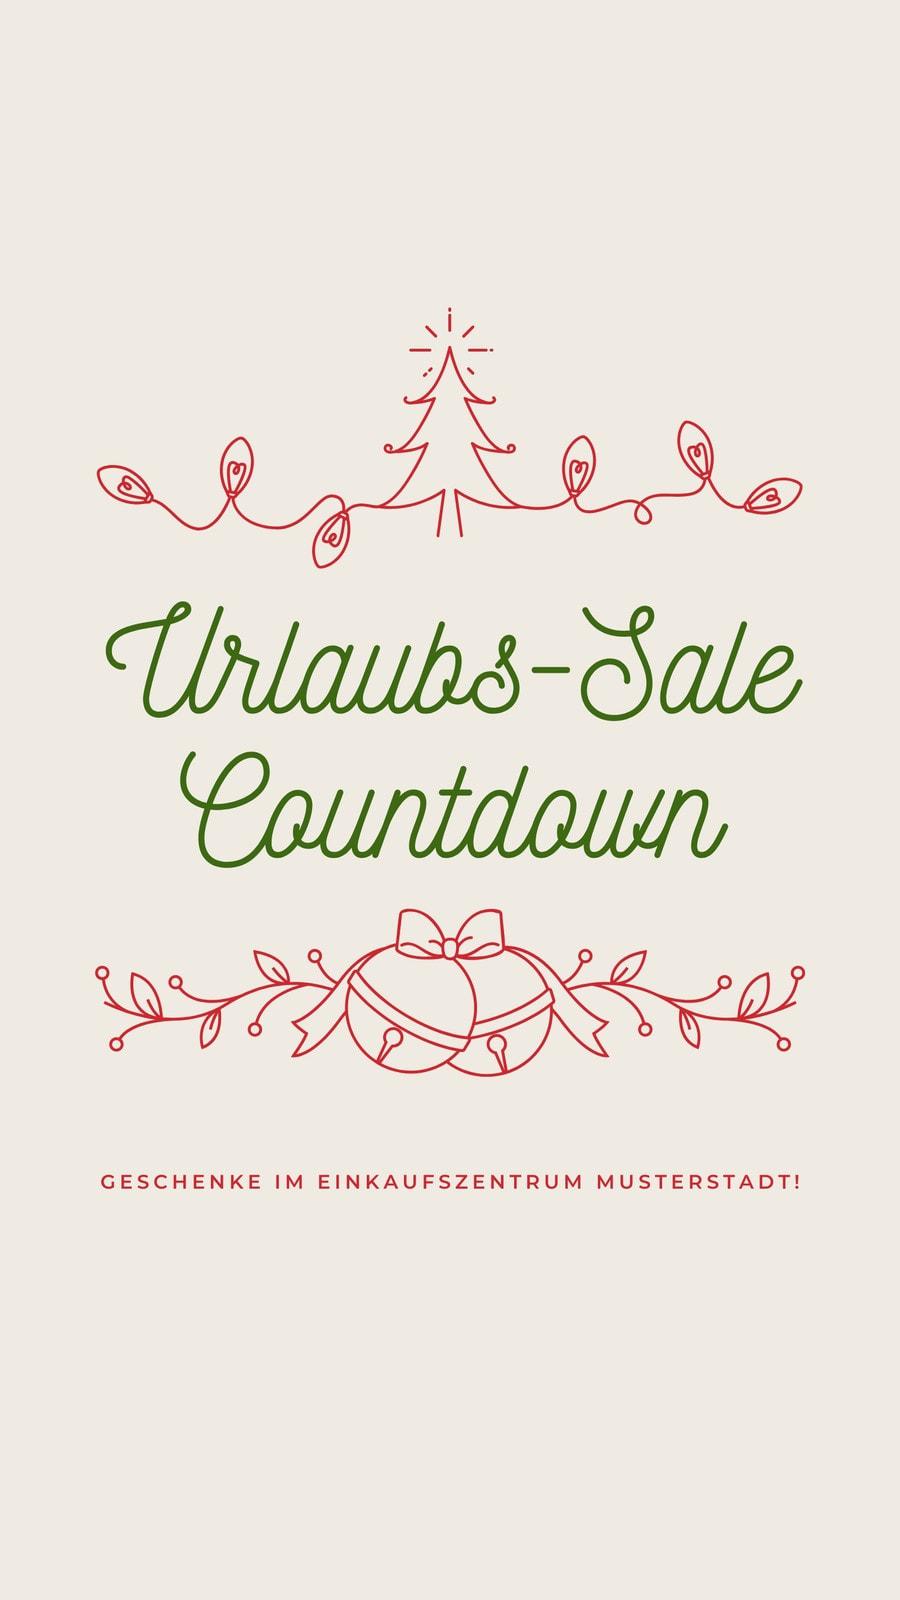 Rot und Grün Illustriert Einzelhandel Feiertag Ausverkauf Instagram-Story